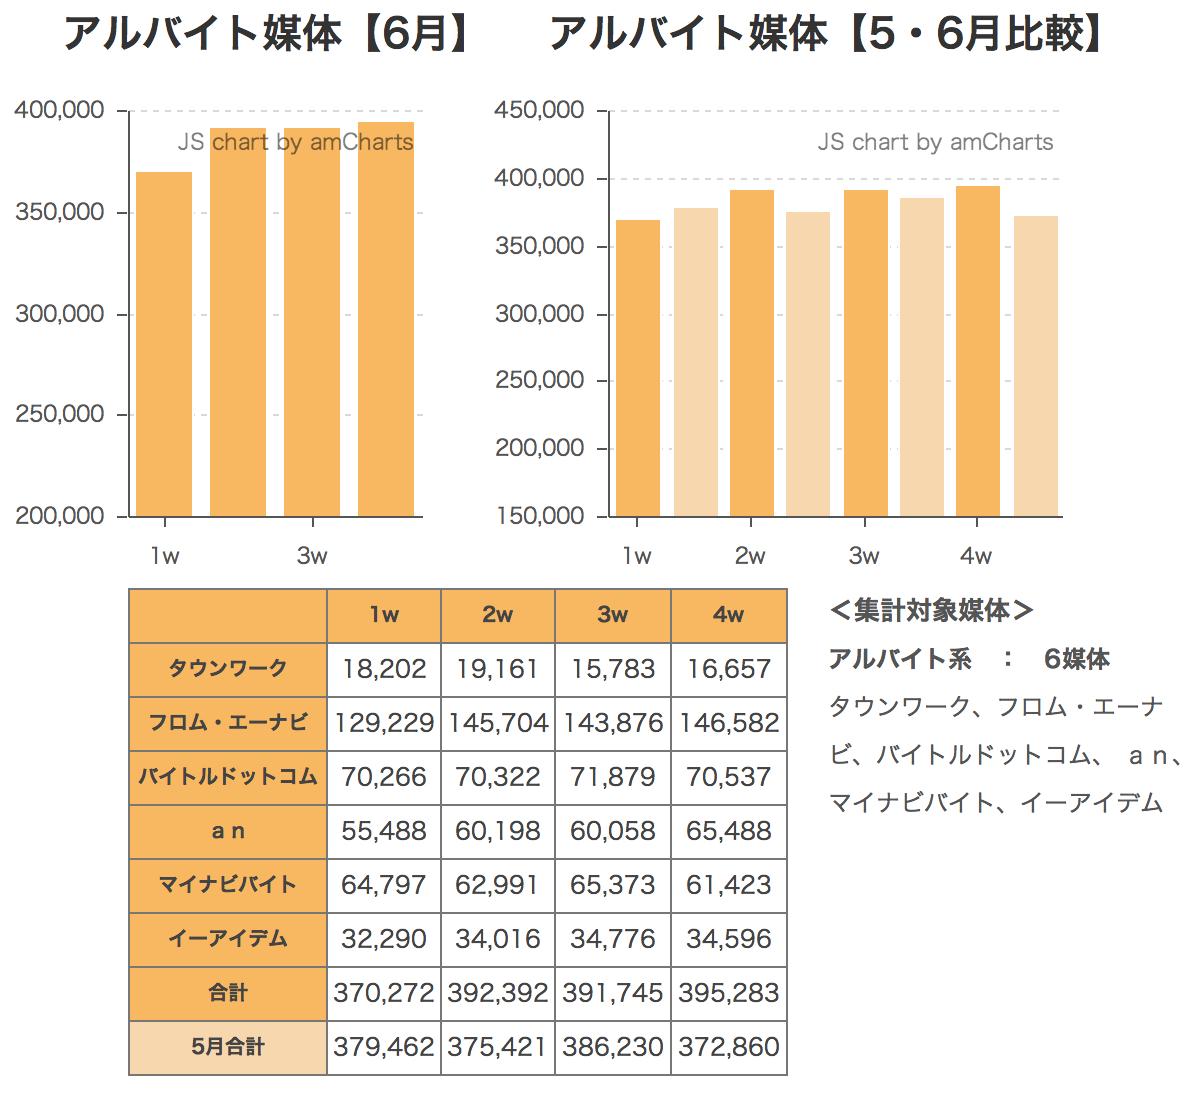 ウィークリー求人サイト掲載件数速報 2014年6月4週